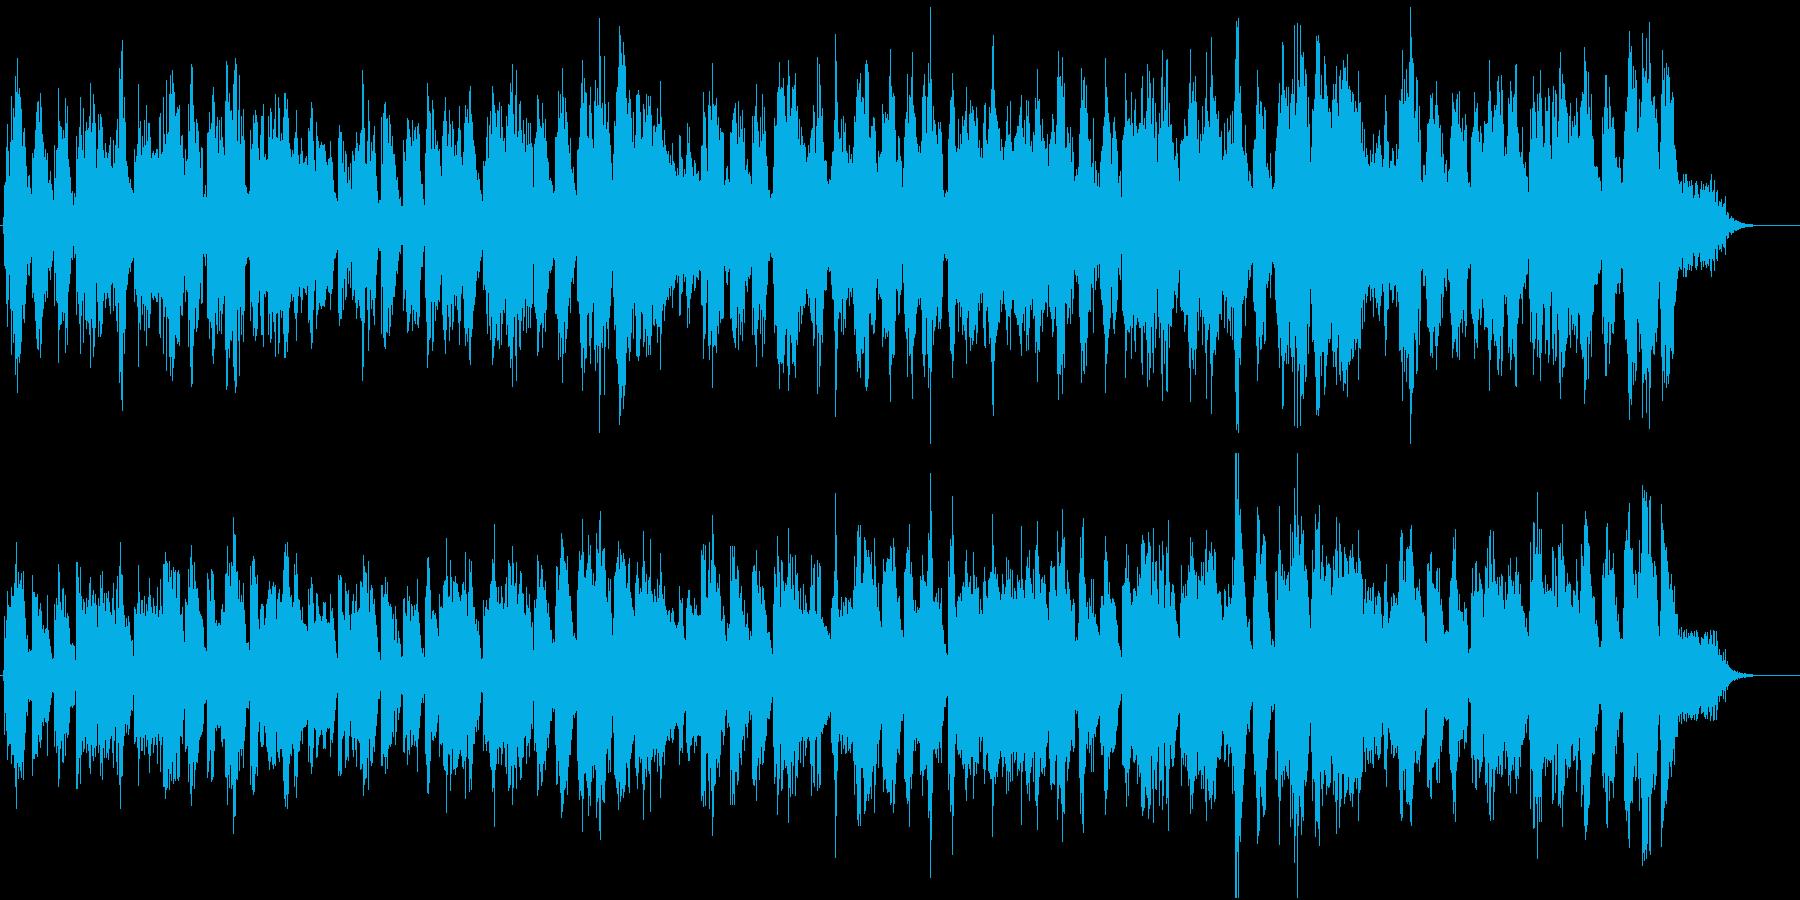 口笛とハーモニカのかわいいラグタイムの再生済みの波形